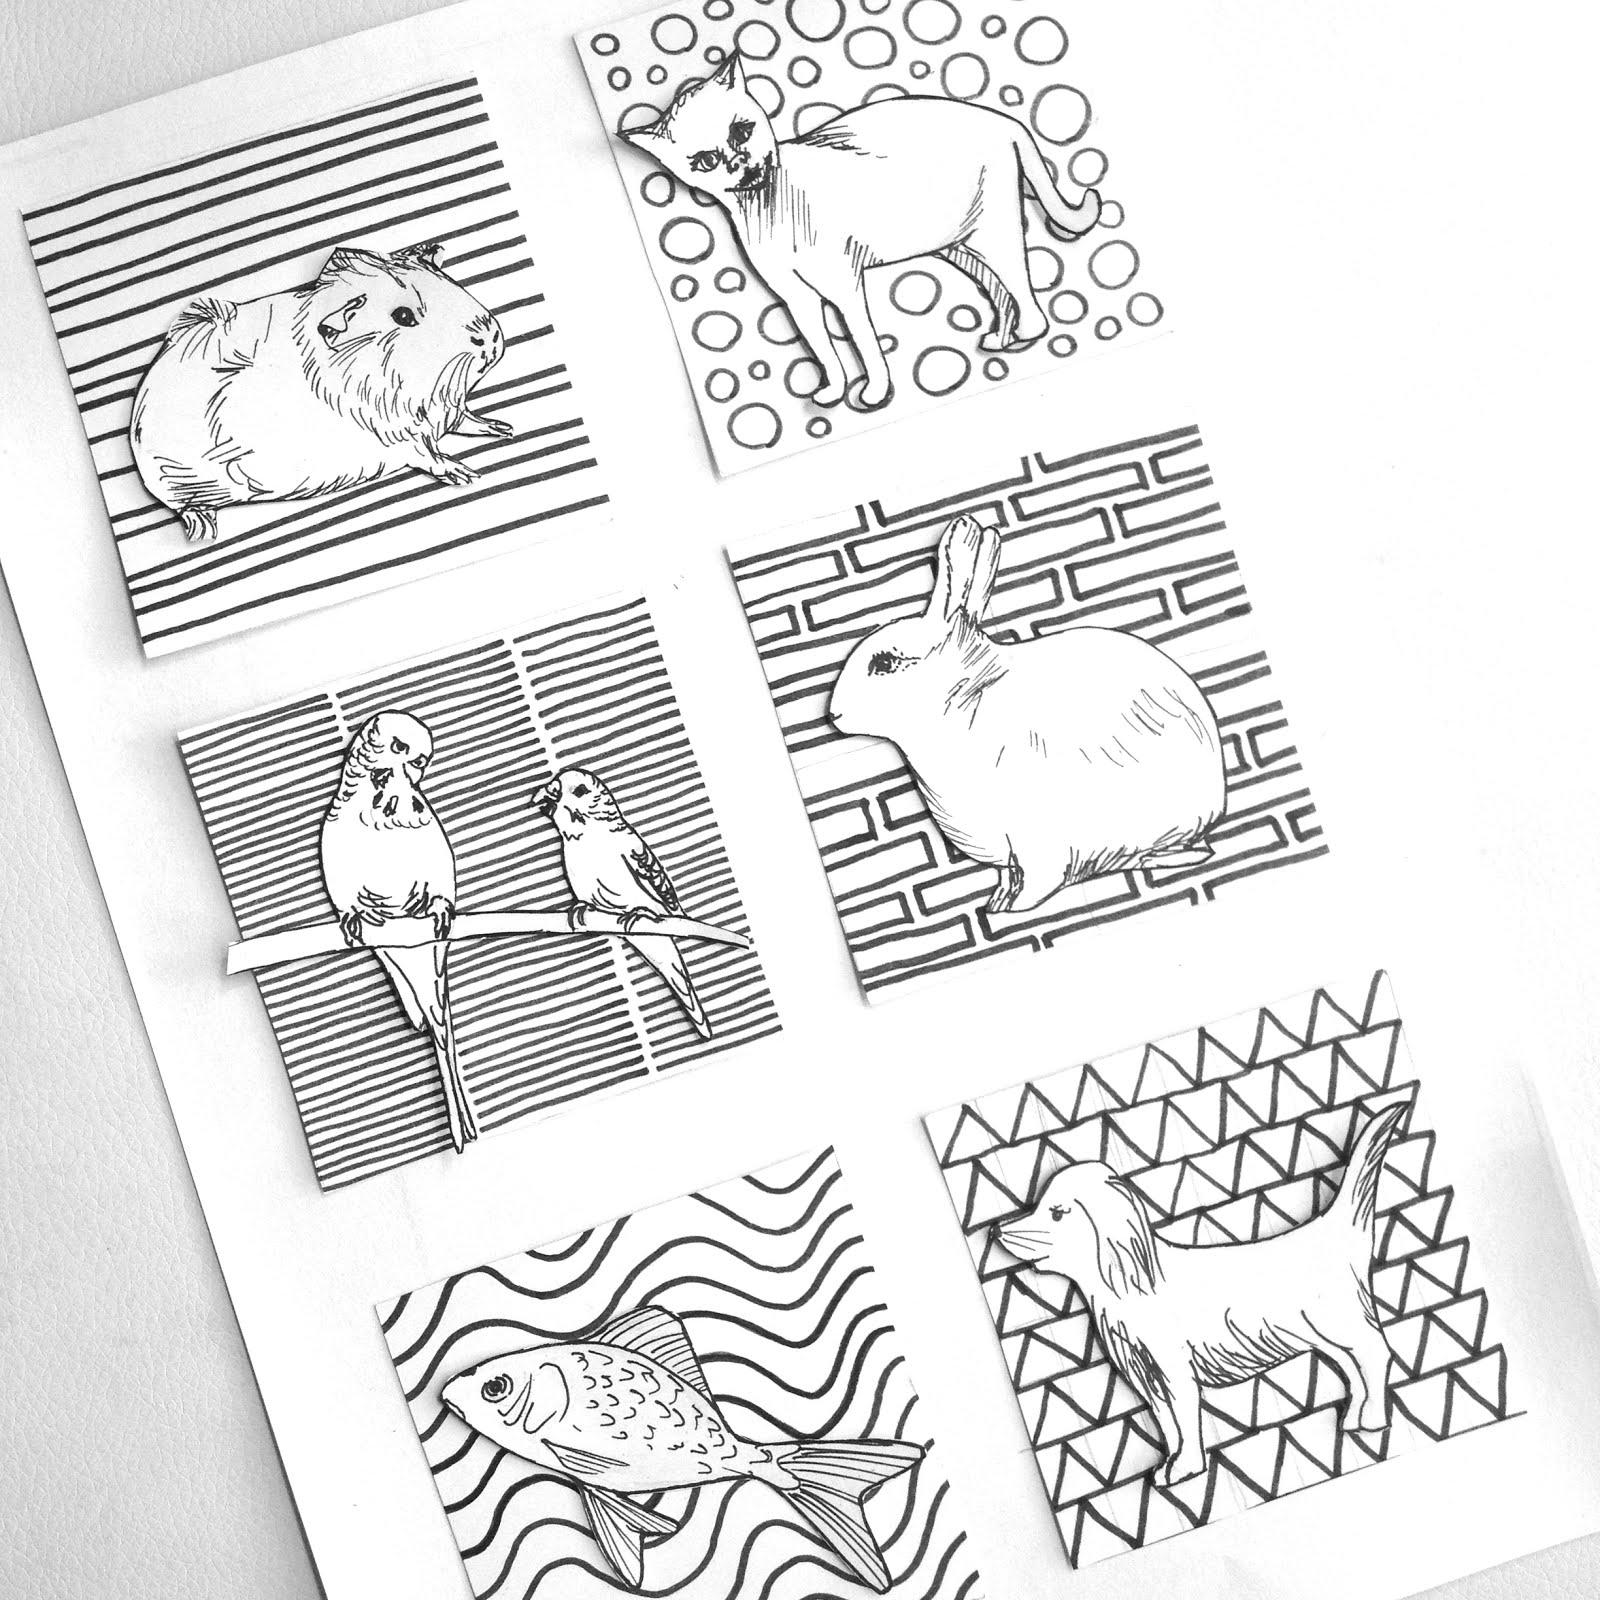 Kostky/Cubes